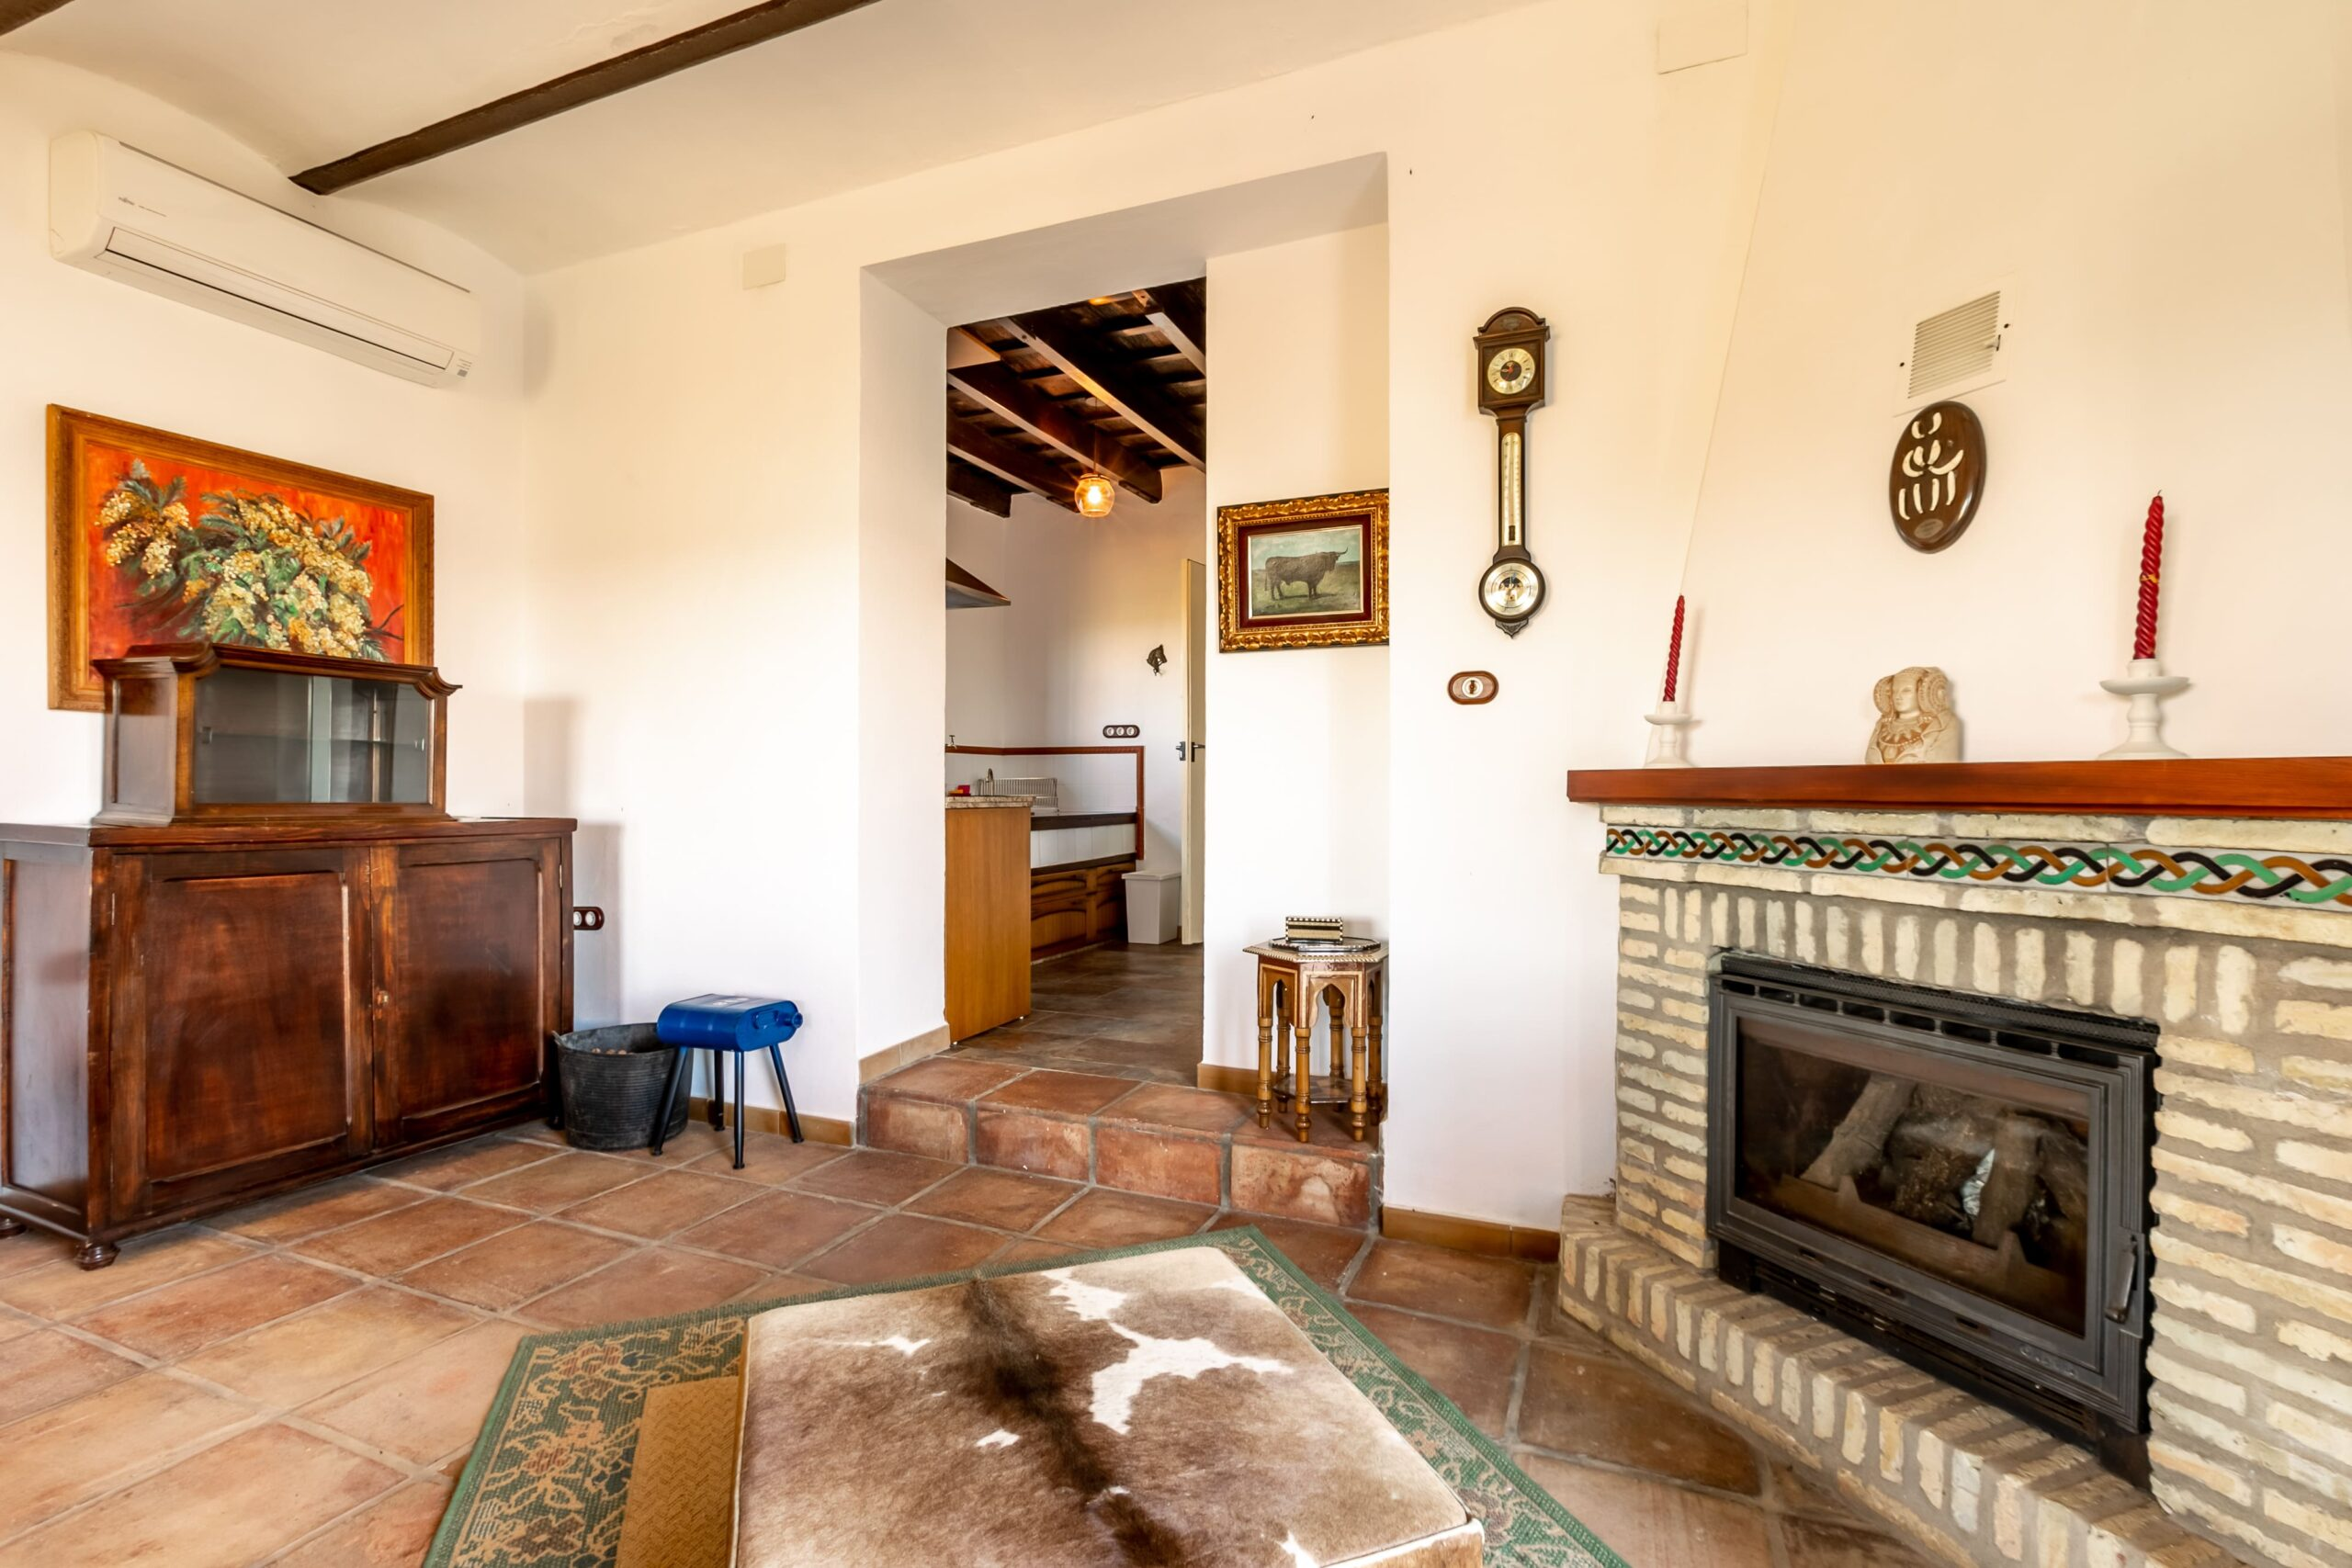 Reportaje Hacienda San Felipe por Laurent Dalençon Febrero 2020 - 073